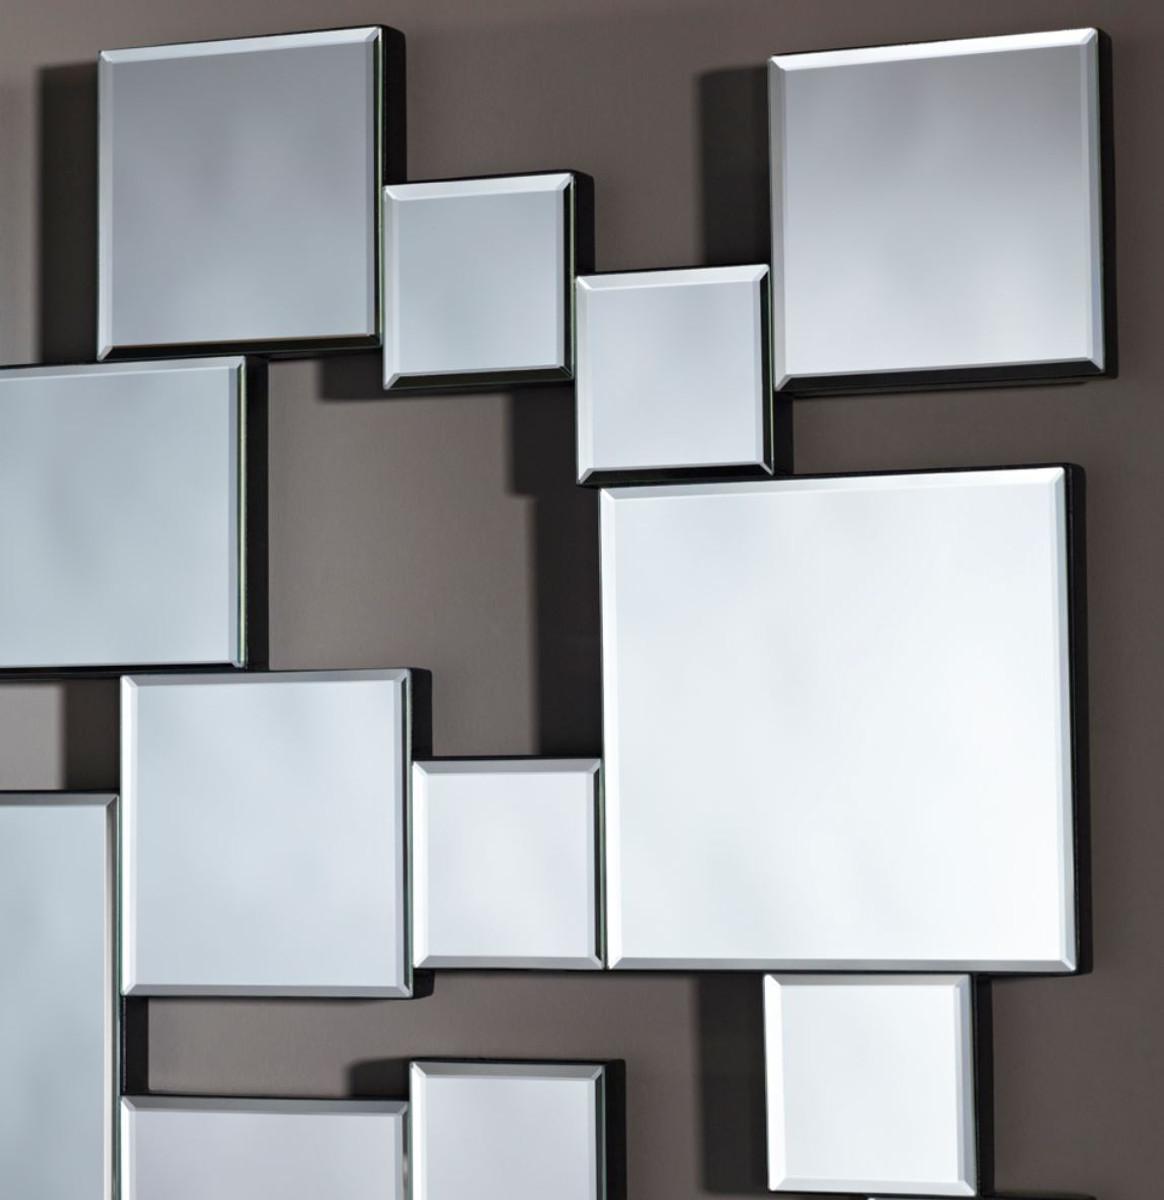 Wohnzimmer Spiegel Top Wohnzimmer Spiegel With Wohnzimmer: Wandspiegel Wohnzimmer. Awesome Deko Wandspiegel